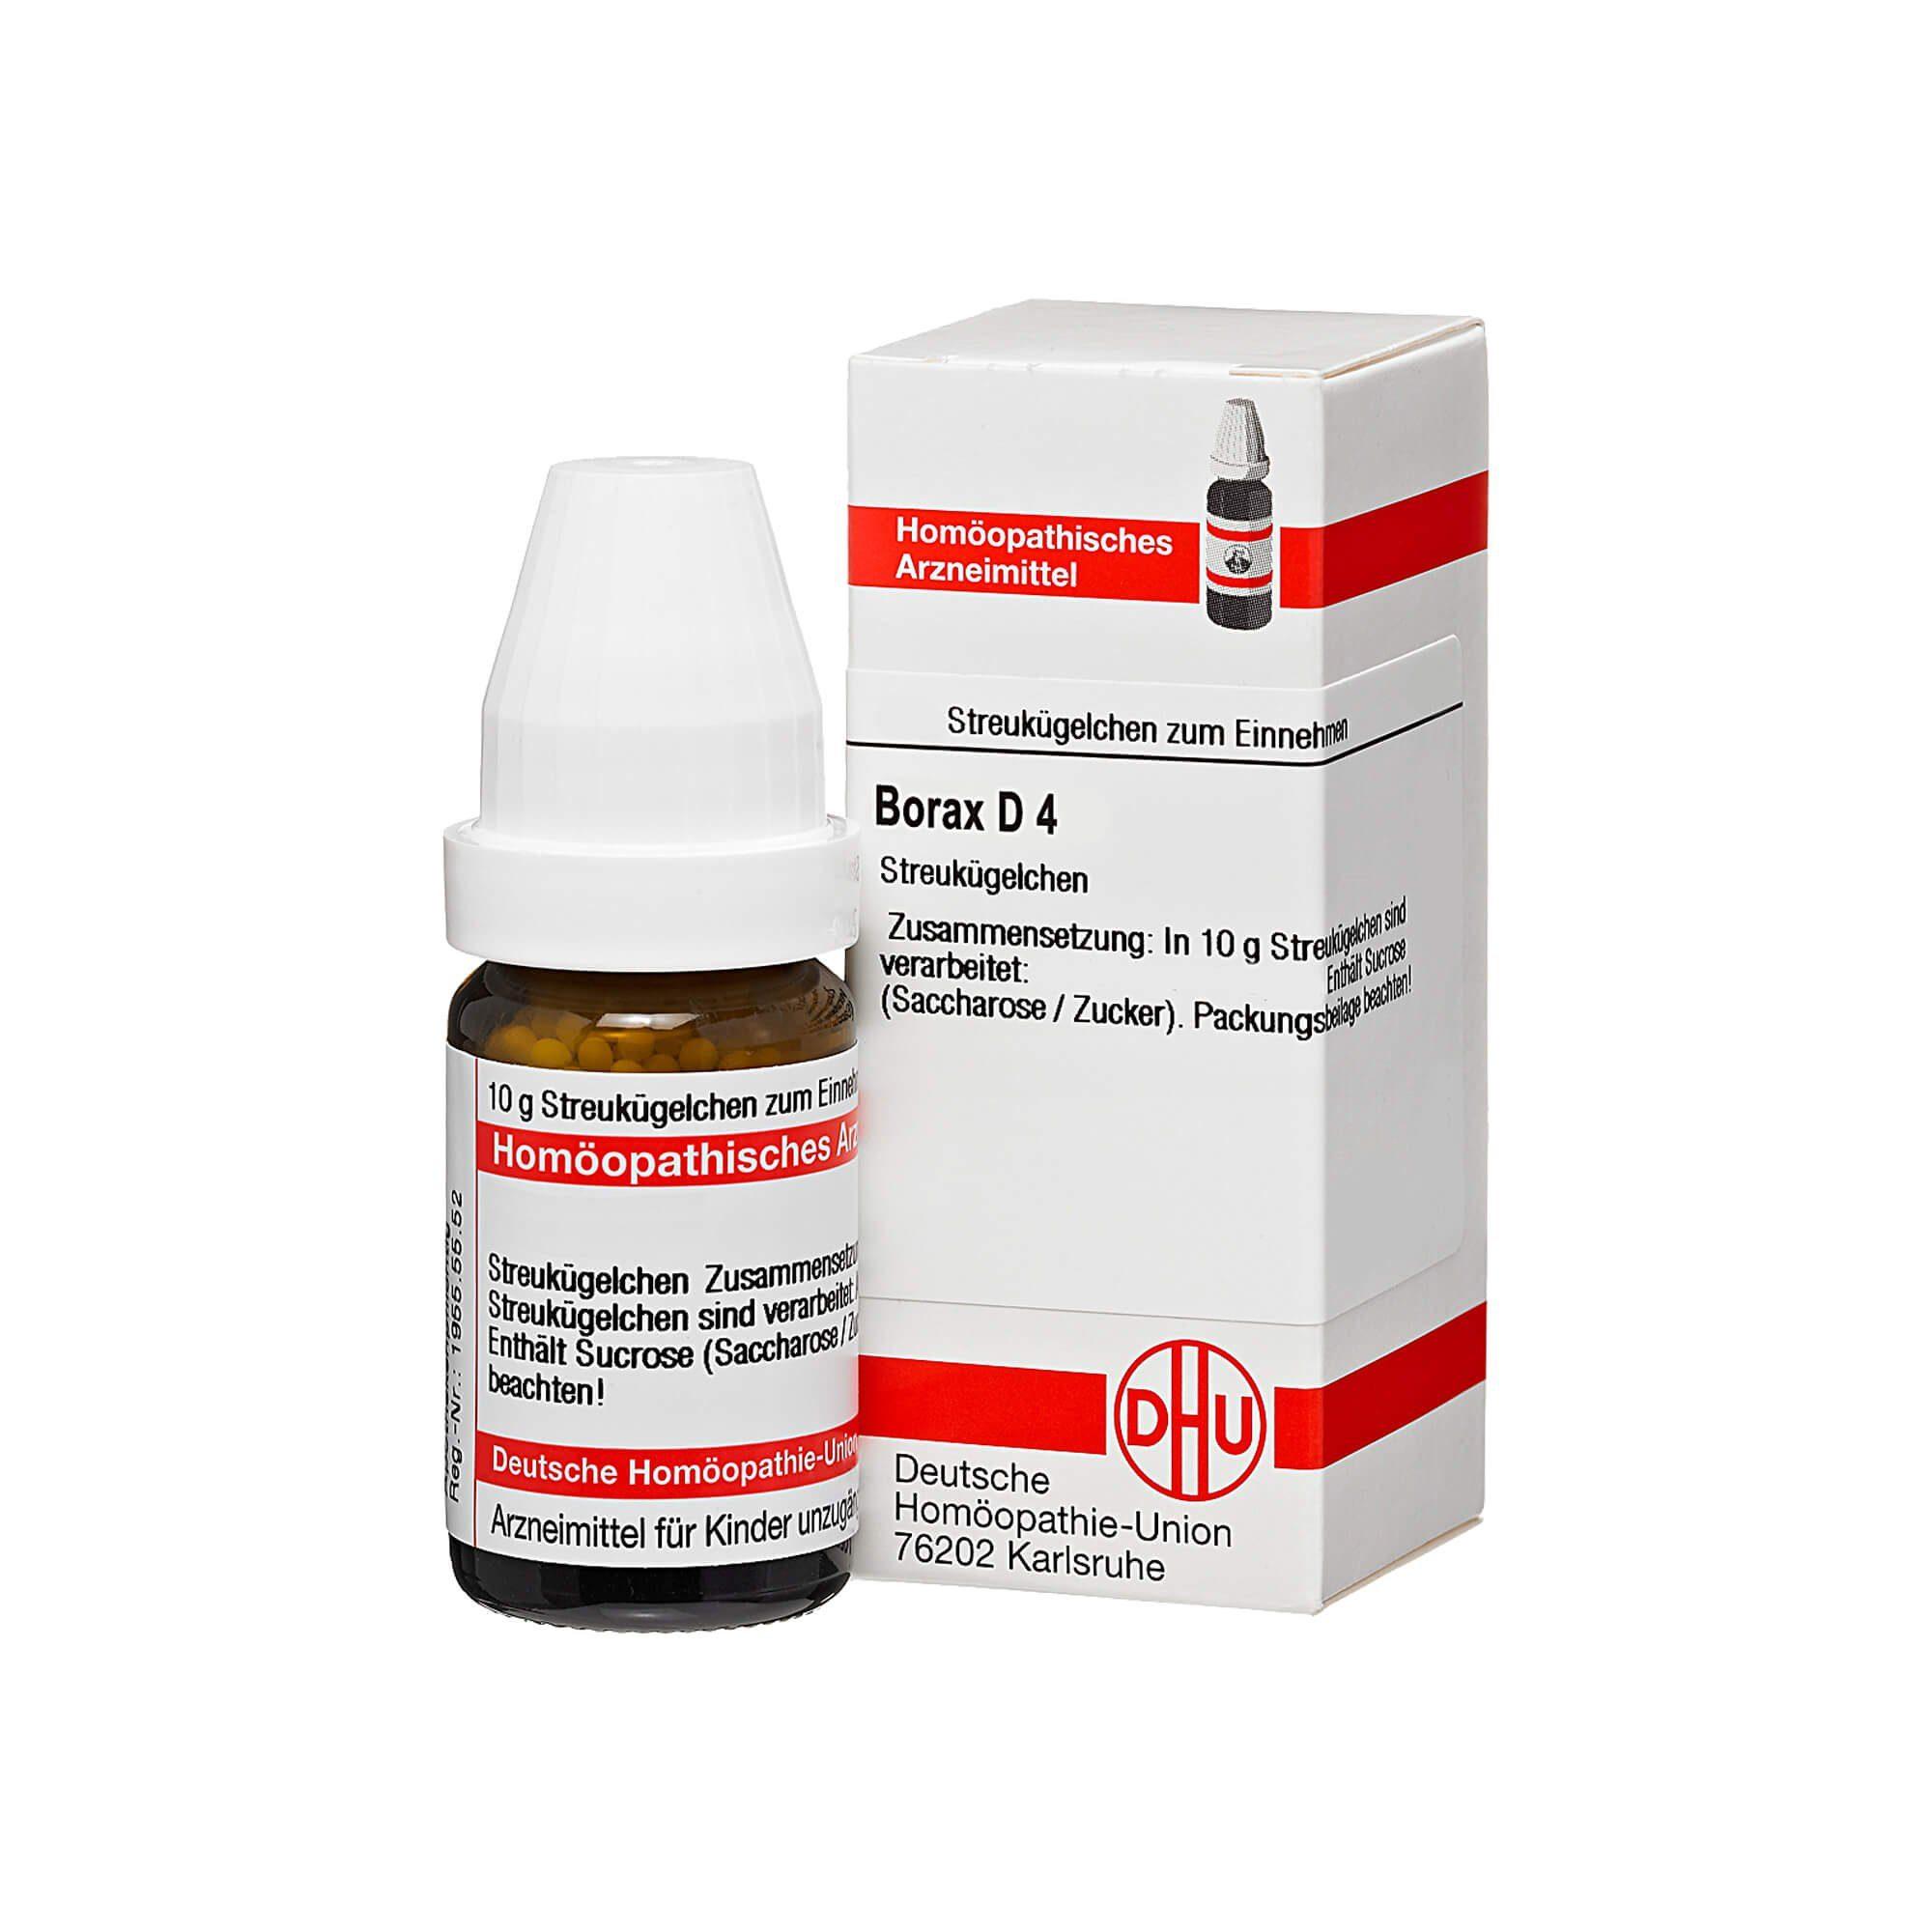 Borax D 4 Globuli, 10 g